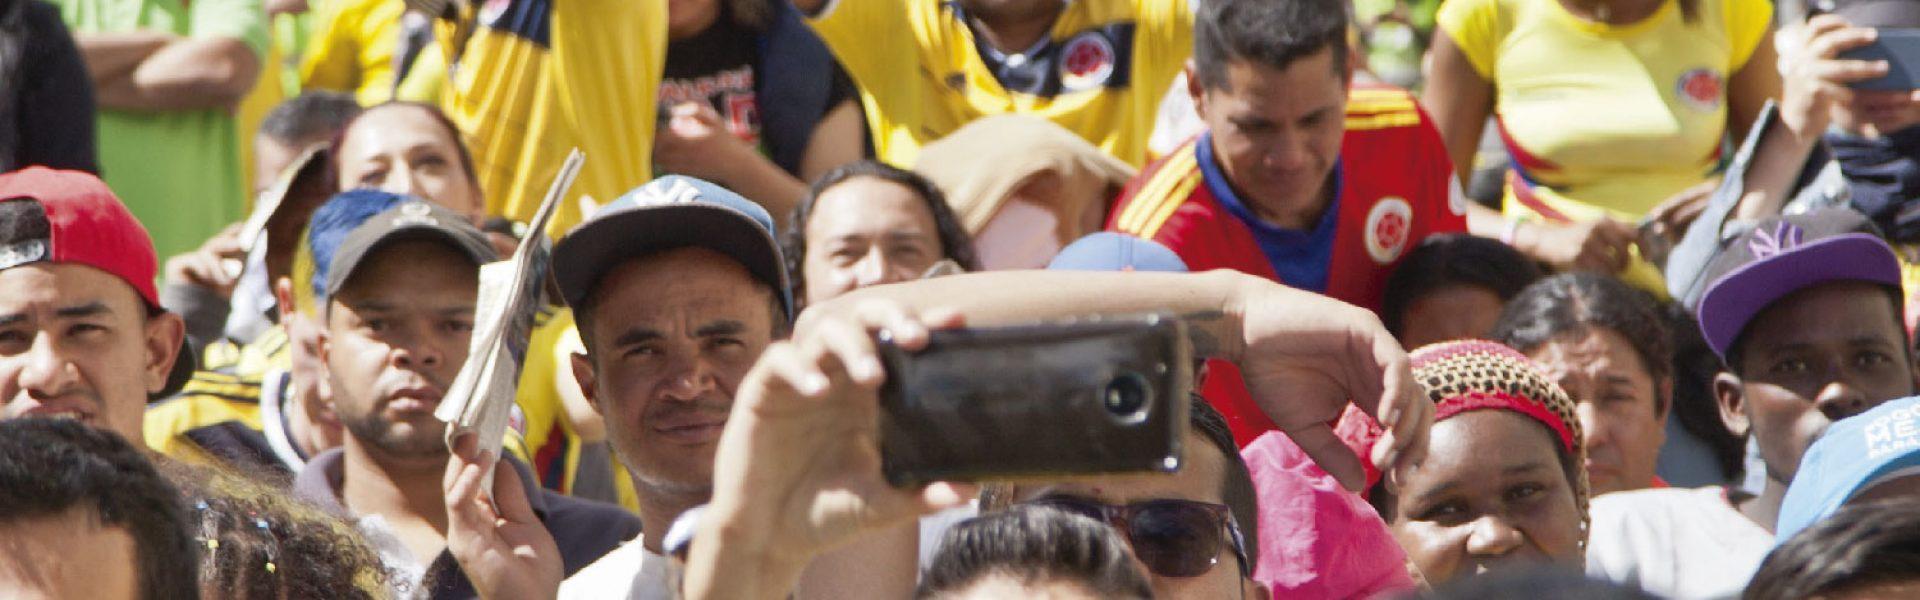 Partido_colombia